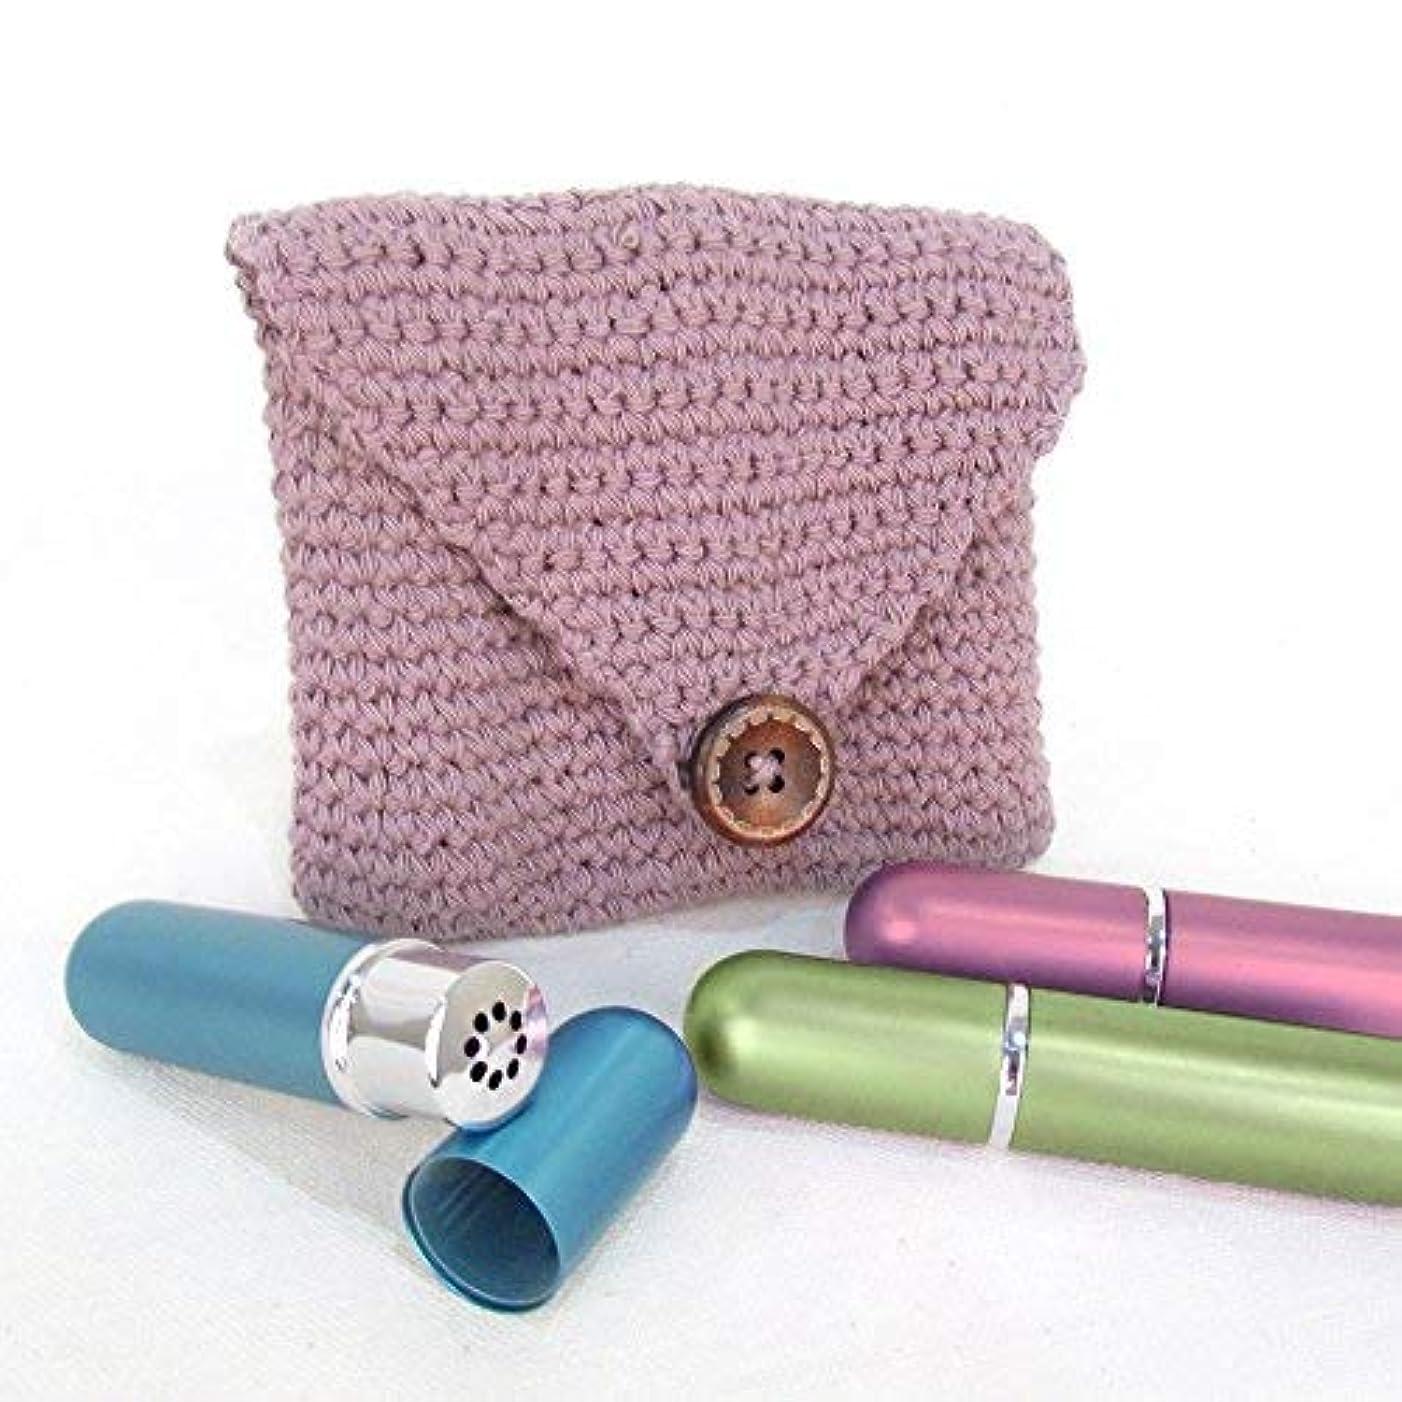 寝てる昼食モートPurple Crochet Case and 3 Empty Essential Oil Aluminum and Glass Refillable Inhalers by Rivertree Life [並行輸入品]